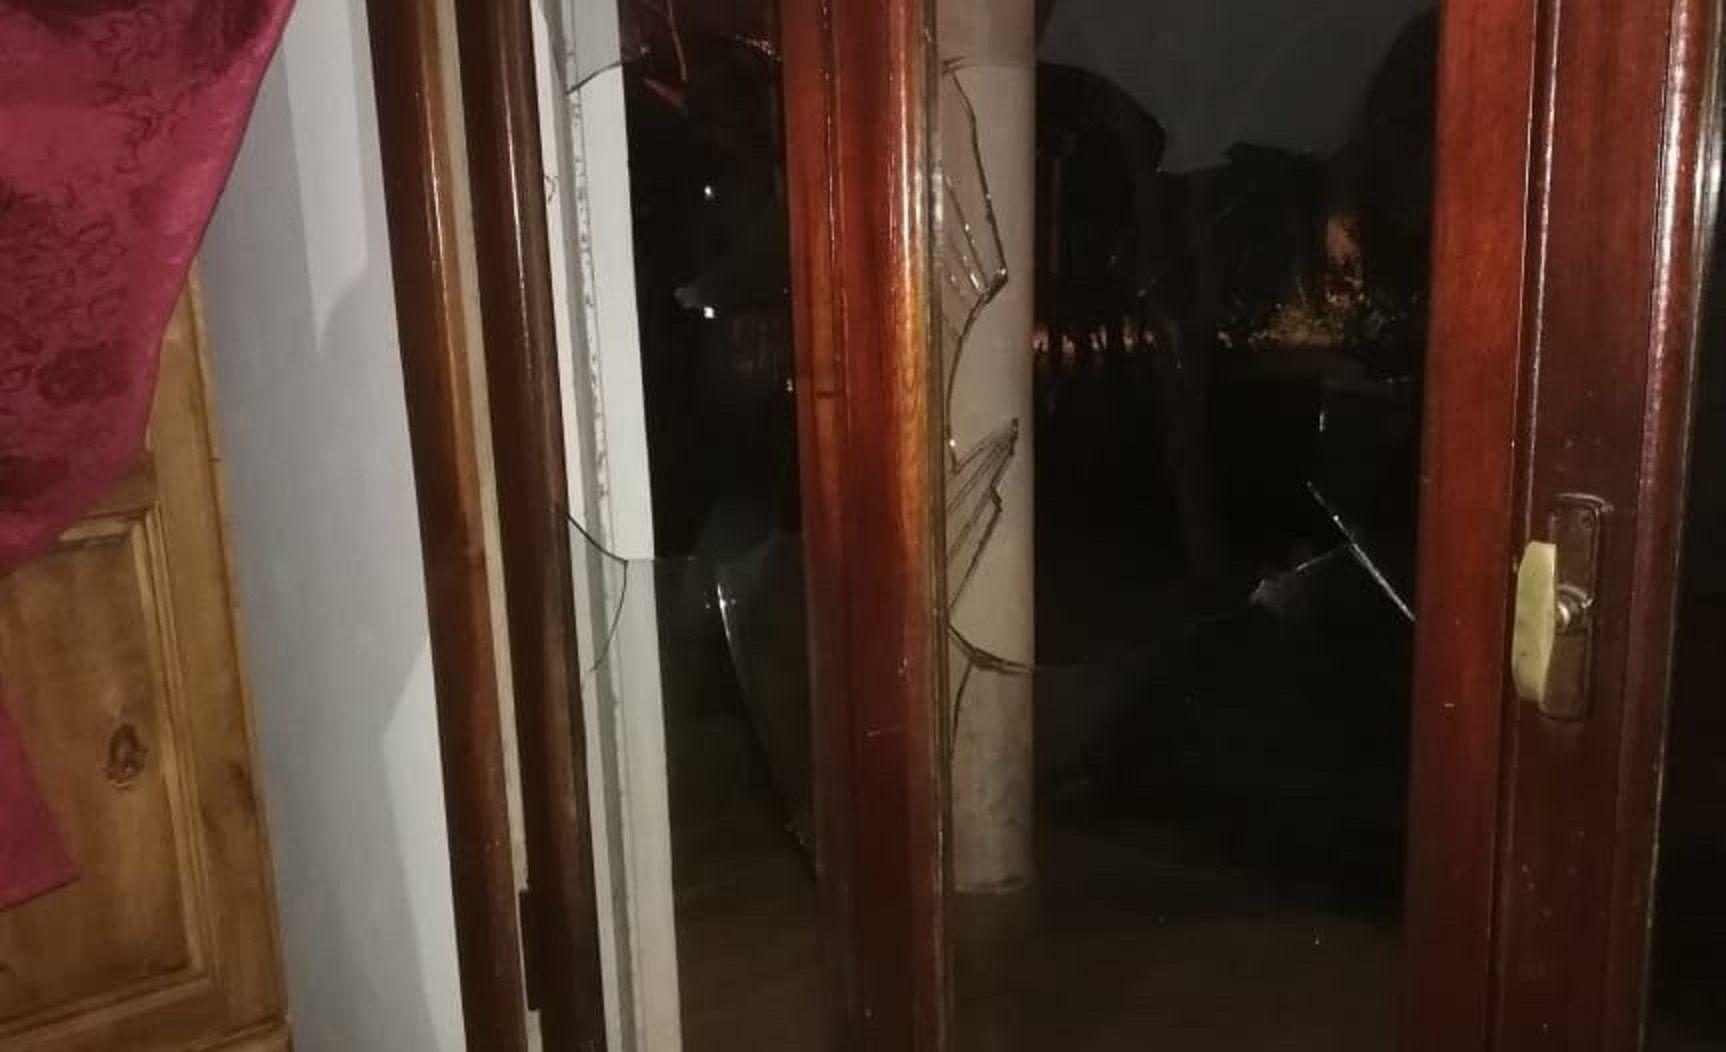 Se vengó de su ex rompiéndole los vidrios de la casa a piedrazos y la detuvieron